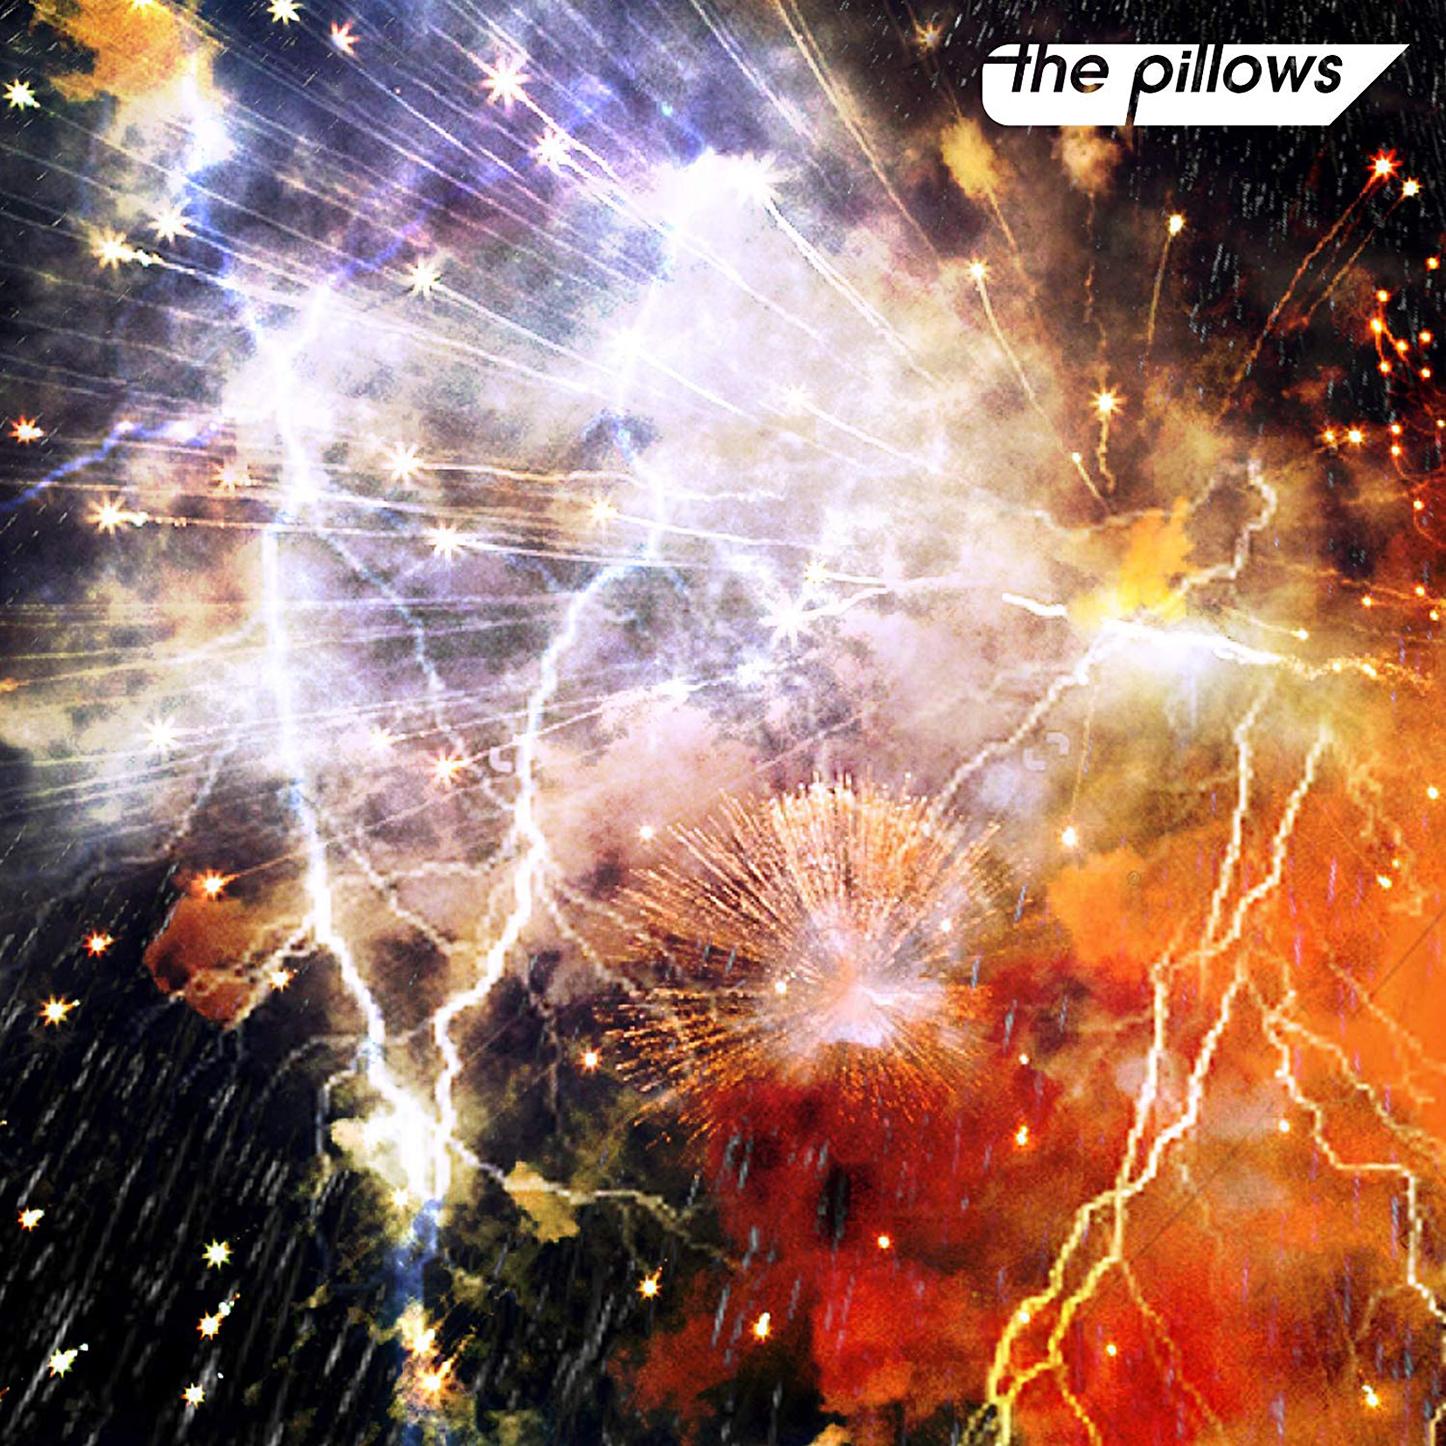 「ニンゲンドモ」収録アルバム『REBROADCAST』/the pillows